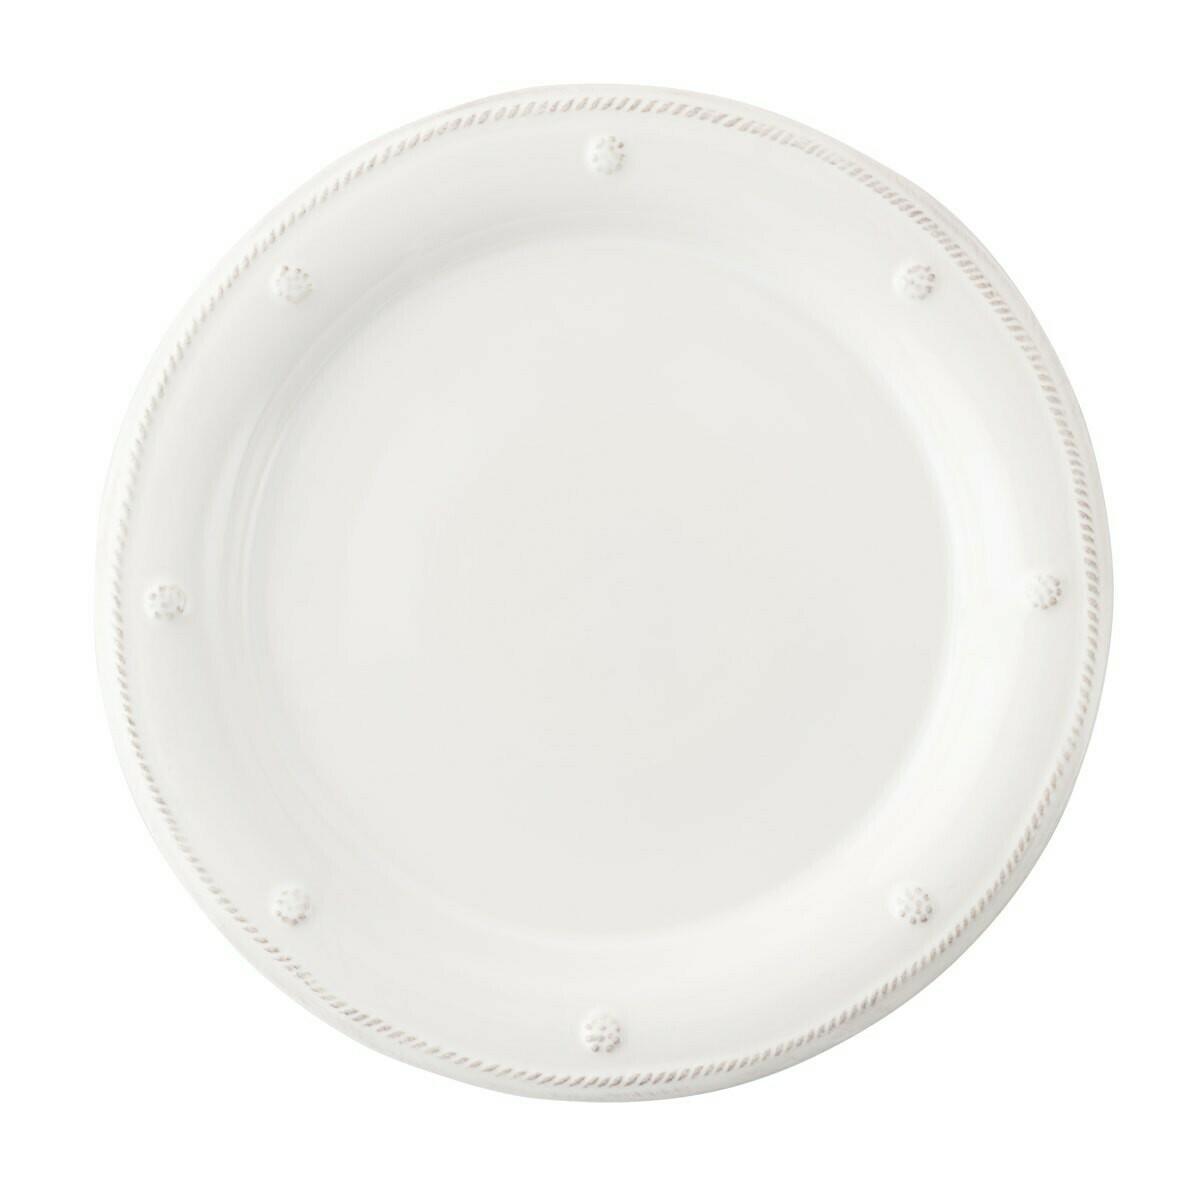 B&T Dinner Plate White #JDR/W